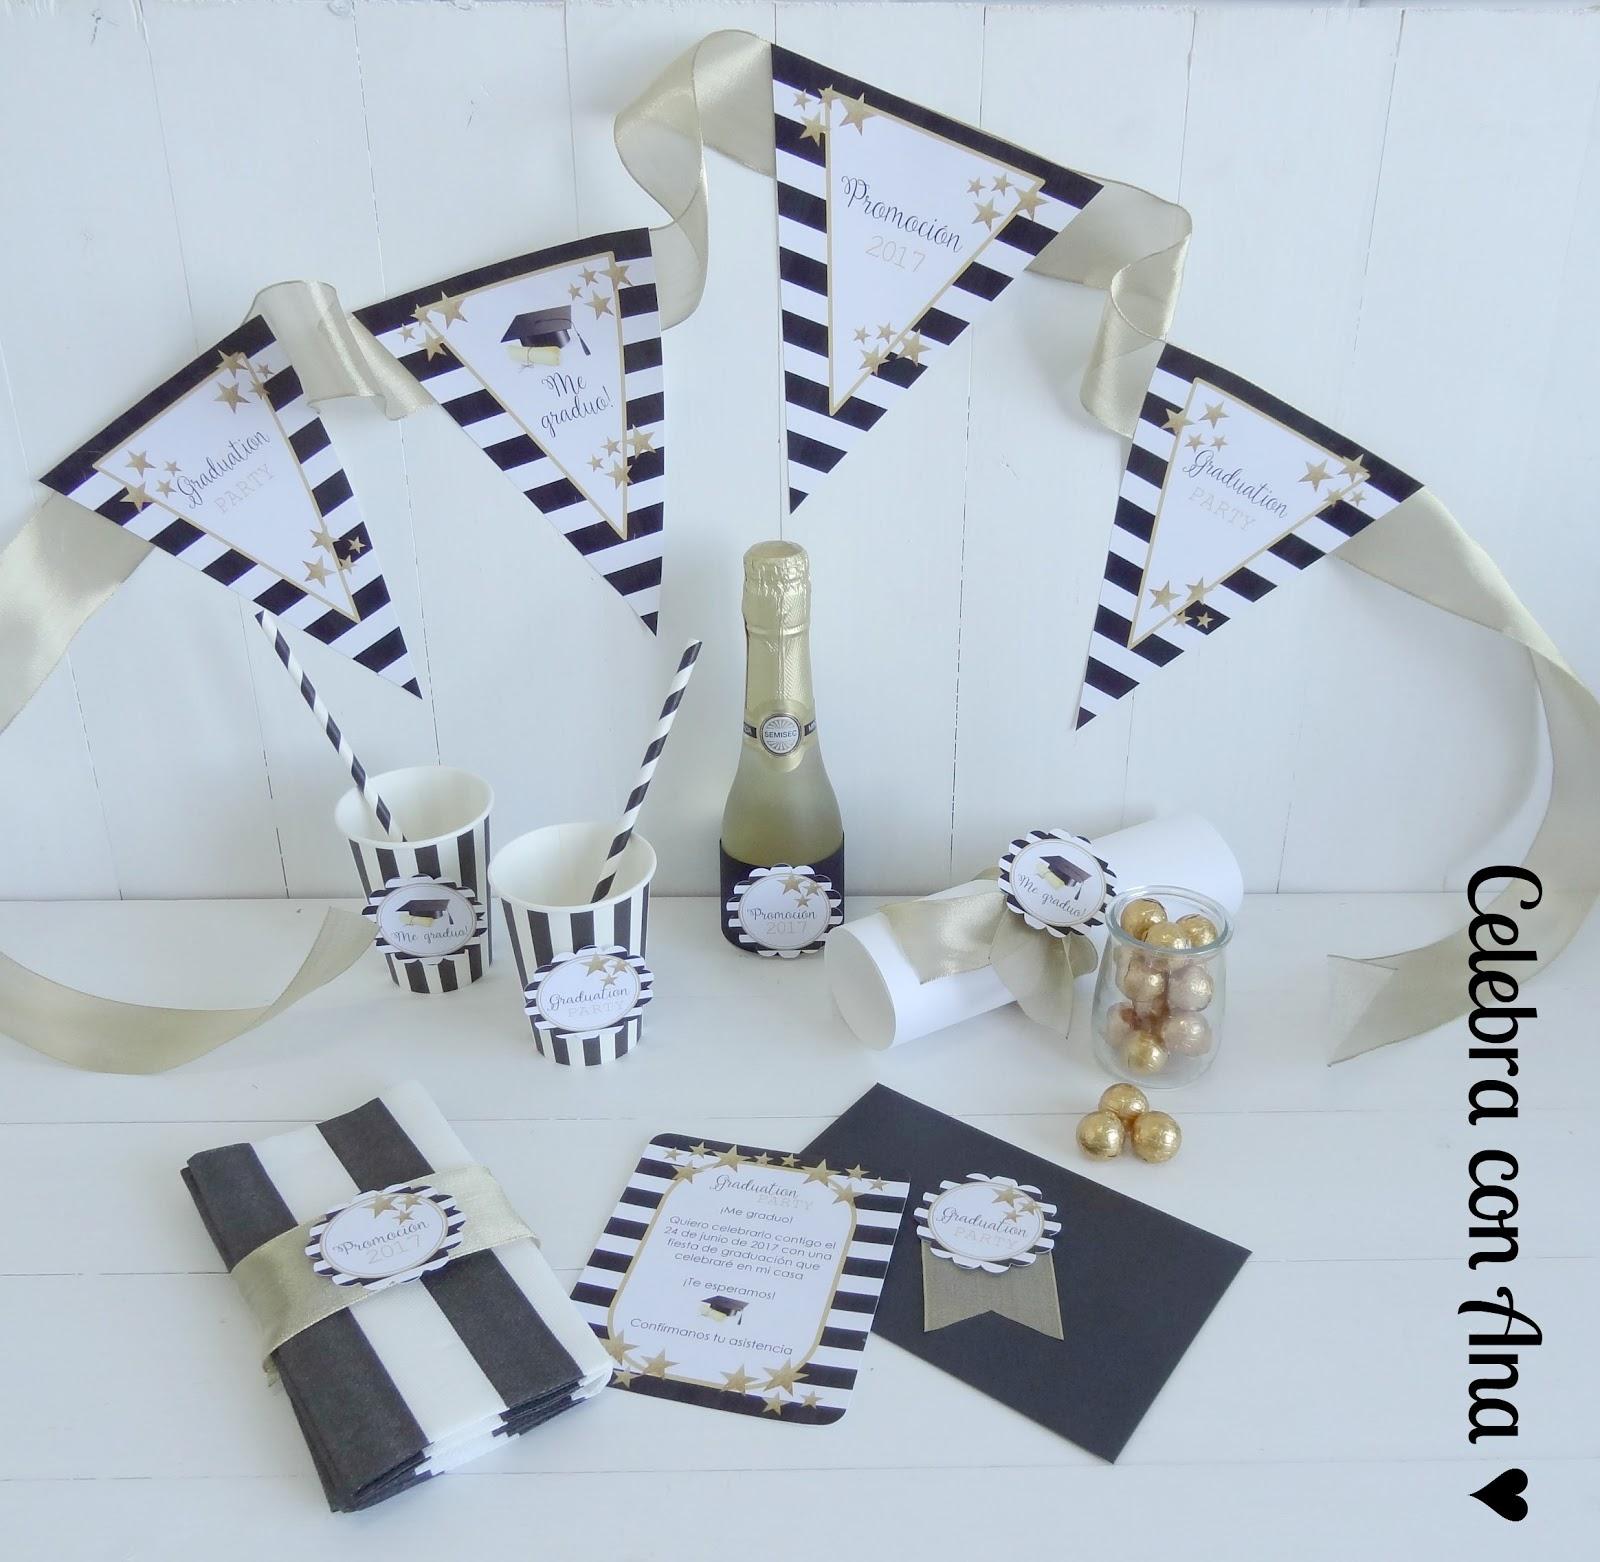 Celebra con Ana | Fiestas y Regalos personalizados: Kit de fiesta de ...